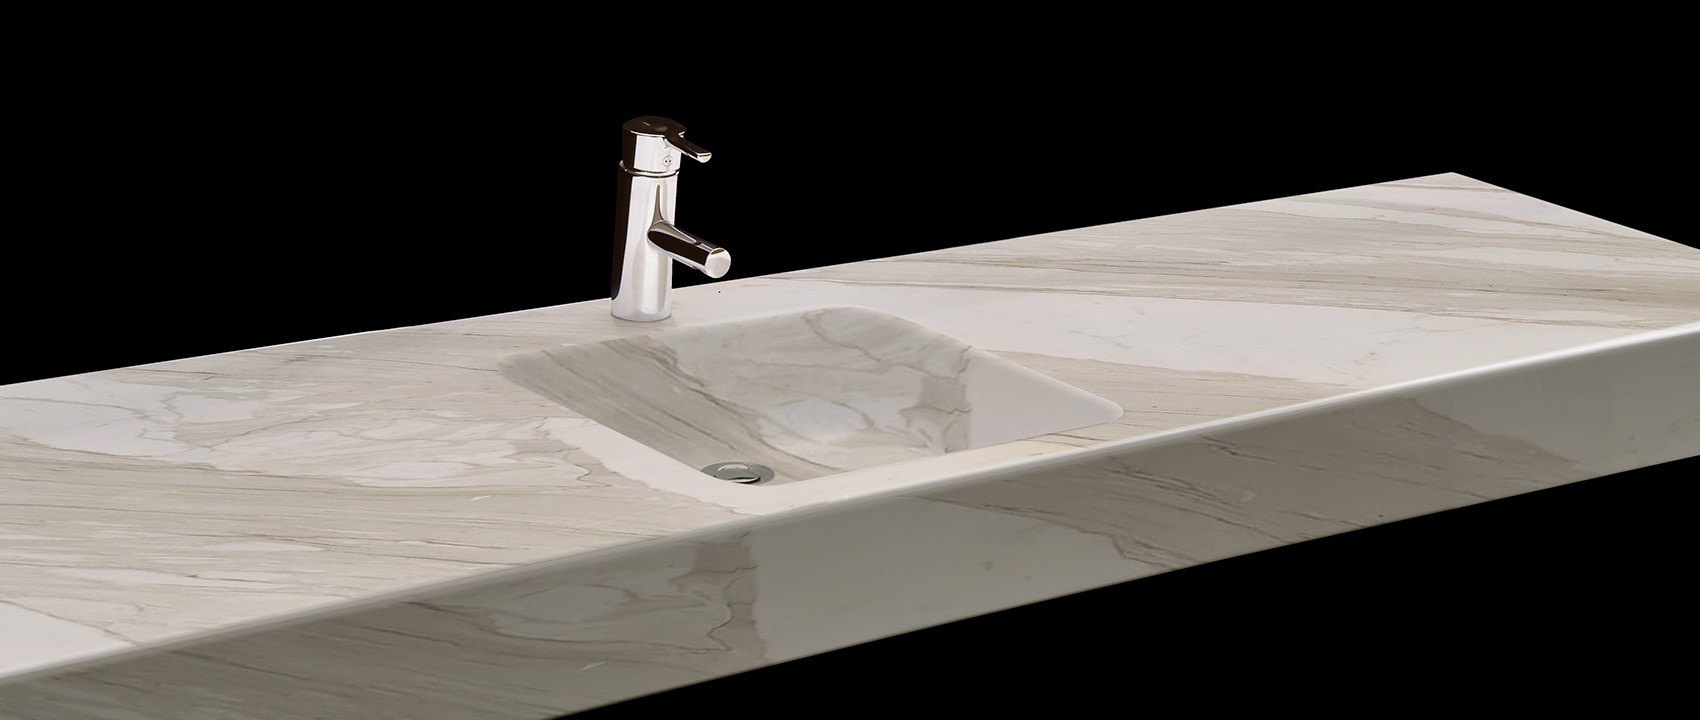 Servizi - Lavabo in marmo